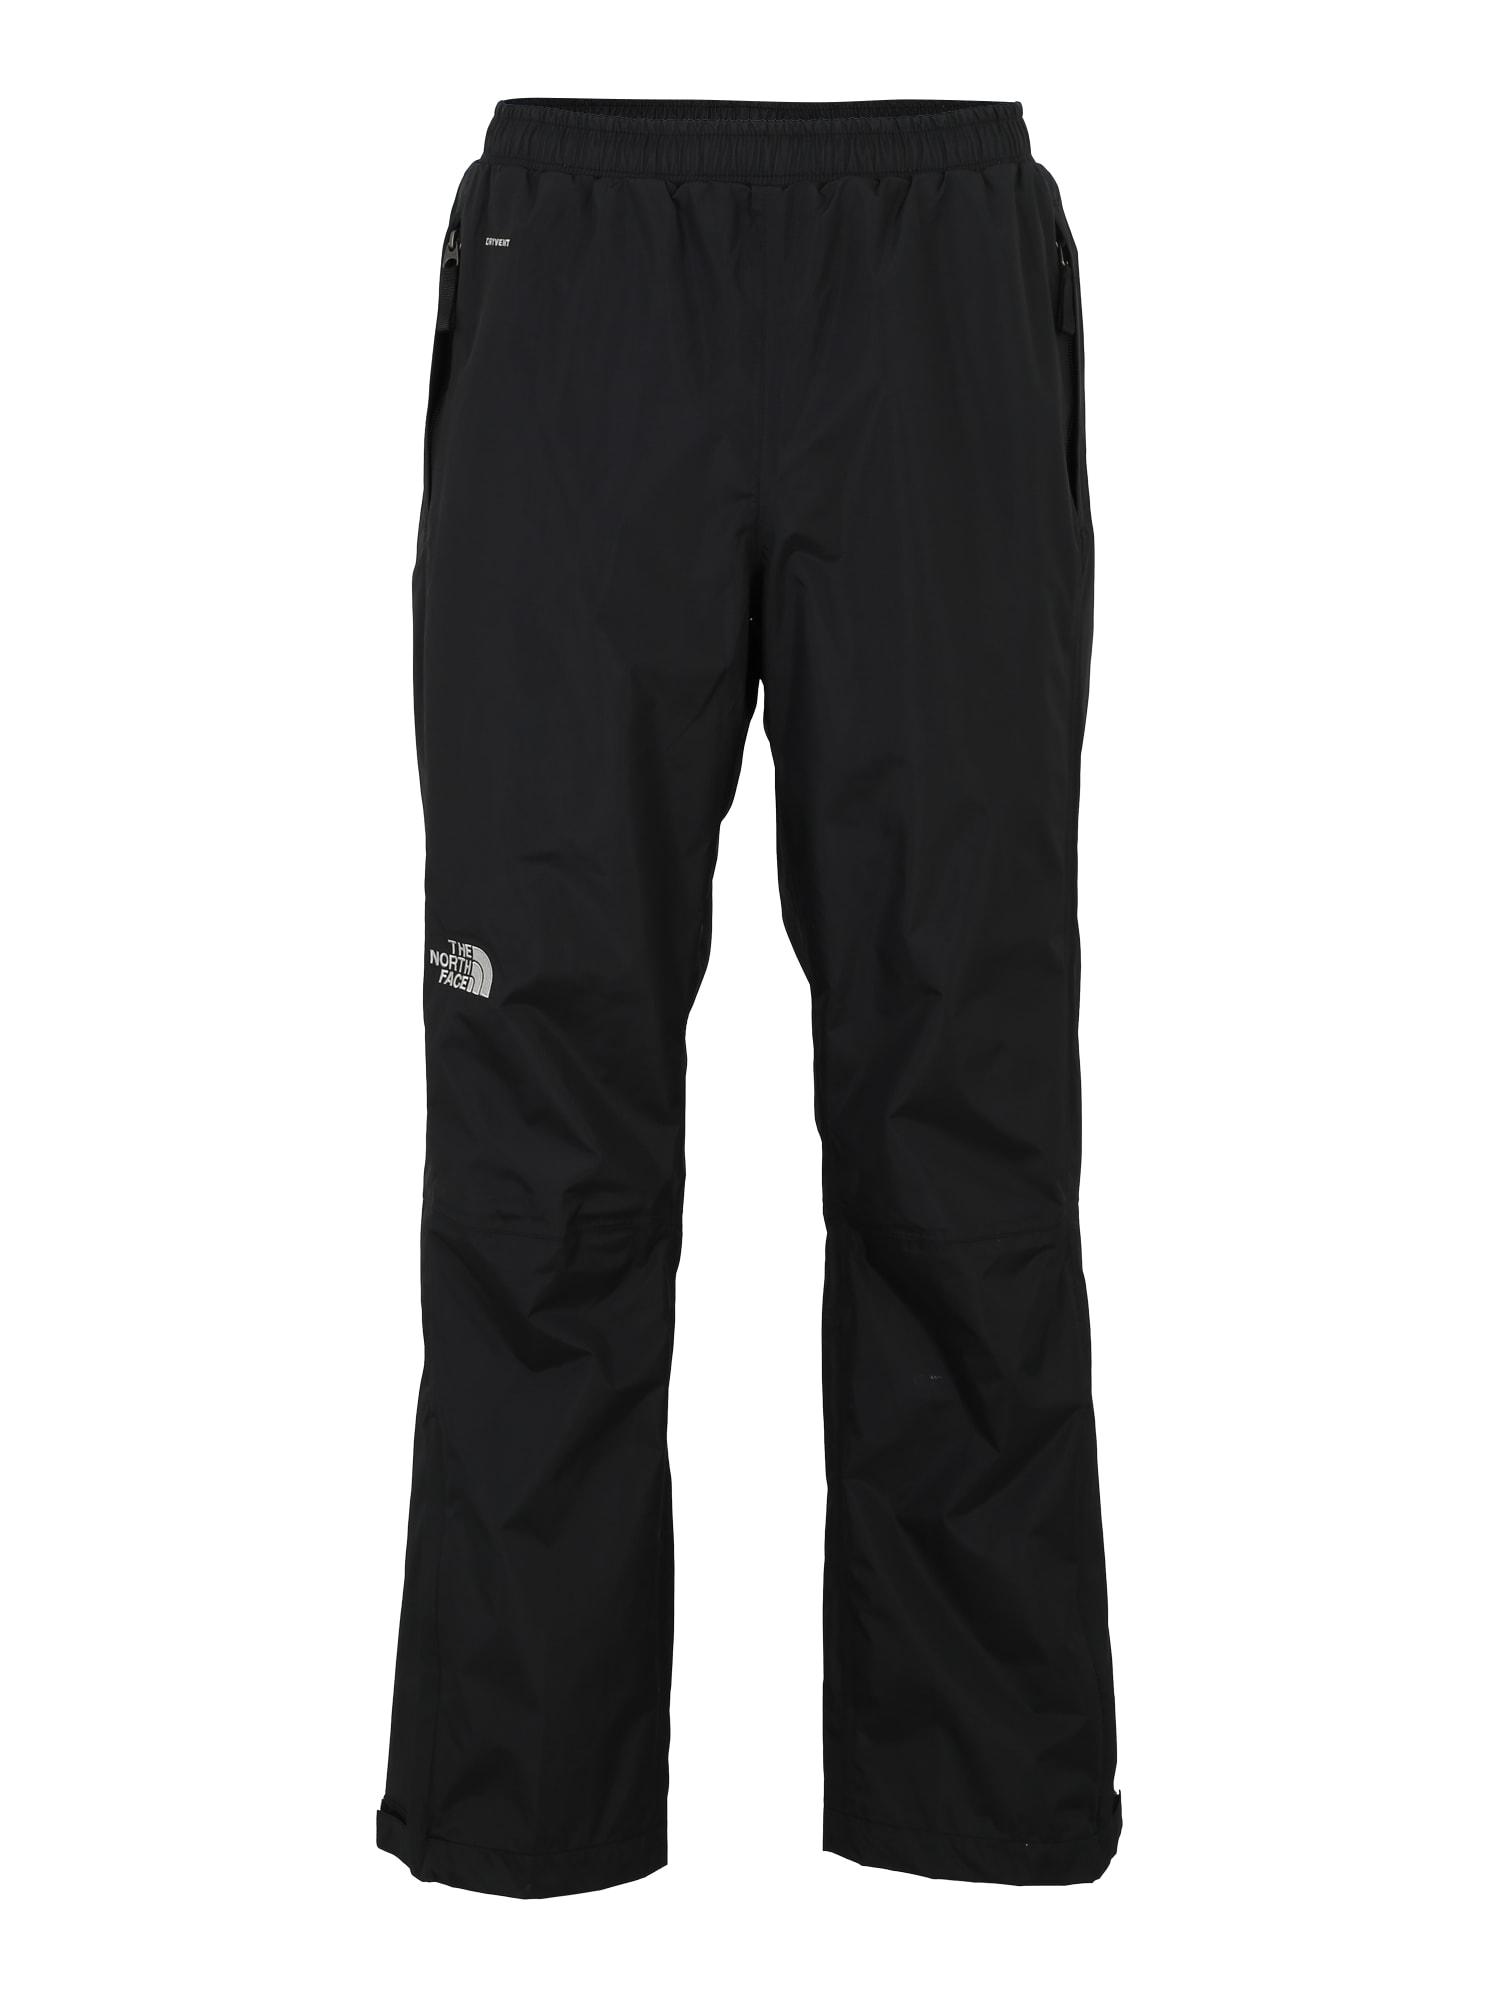 Outdoorové kalhoty Resolve černá THE NORTH FACE